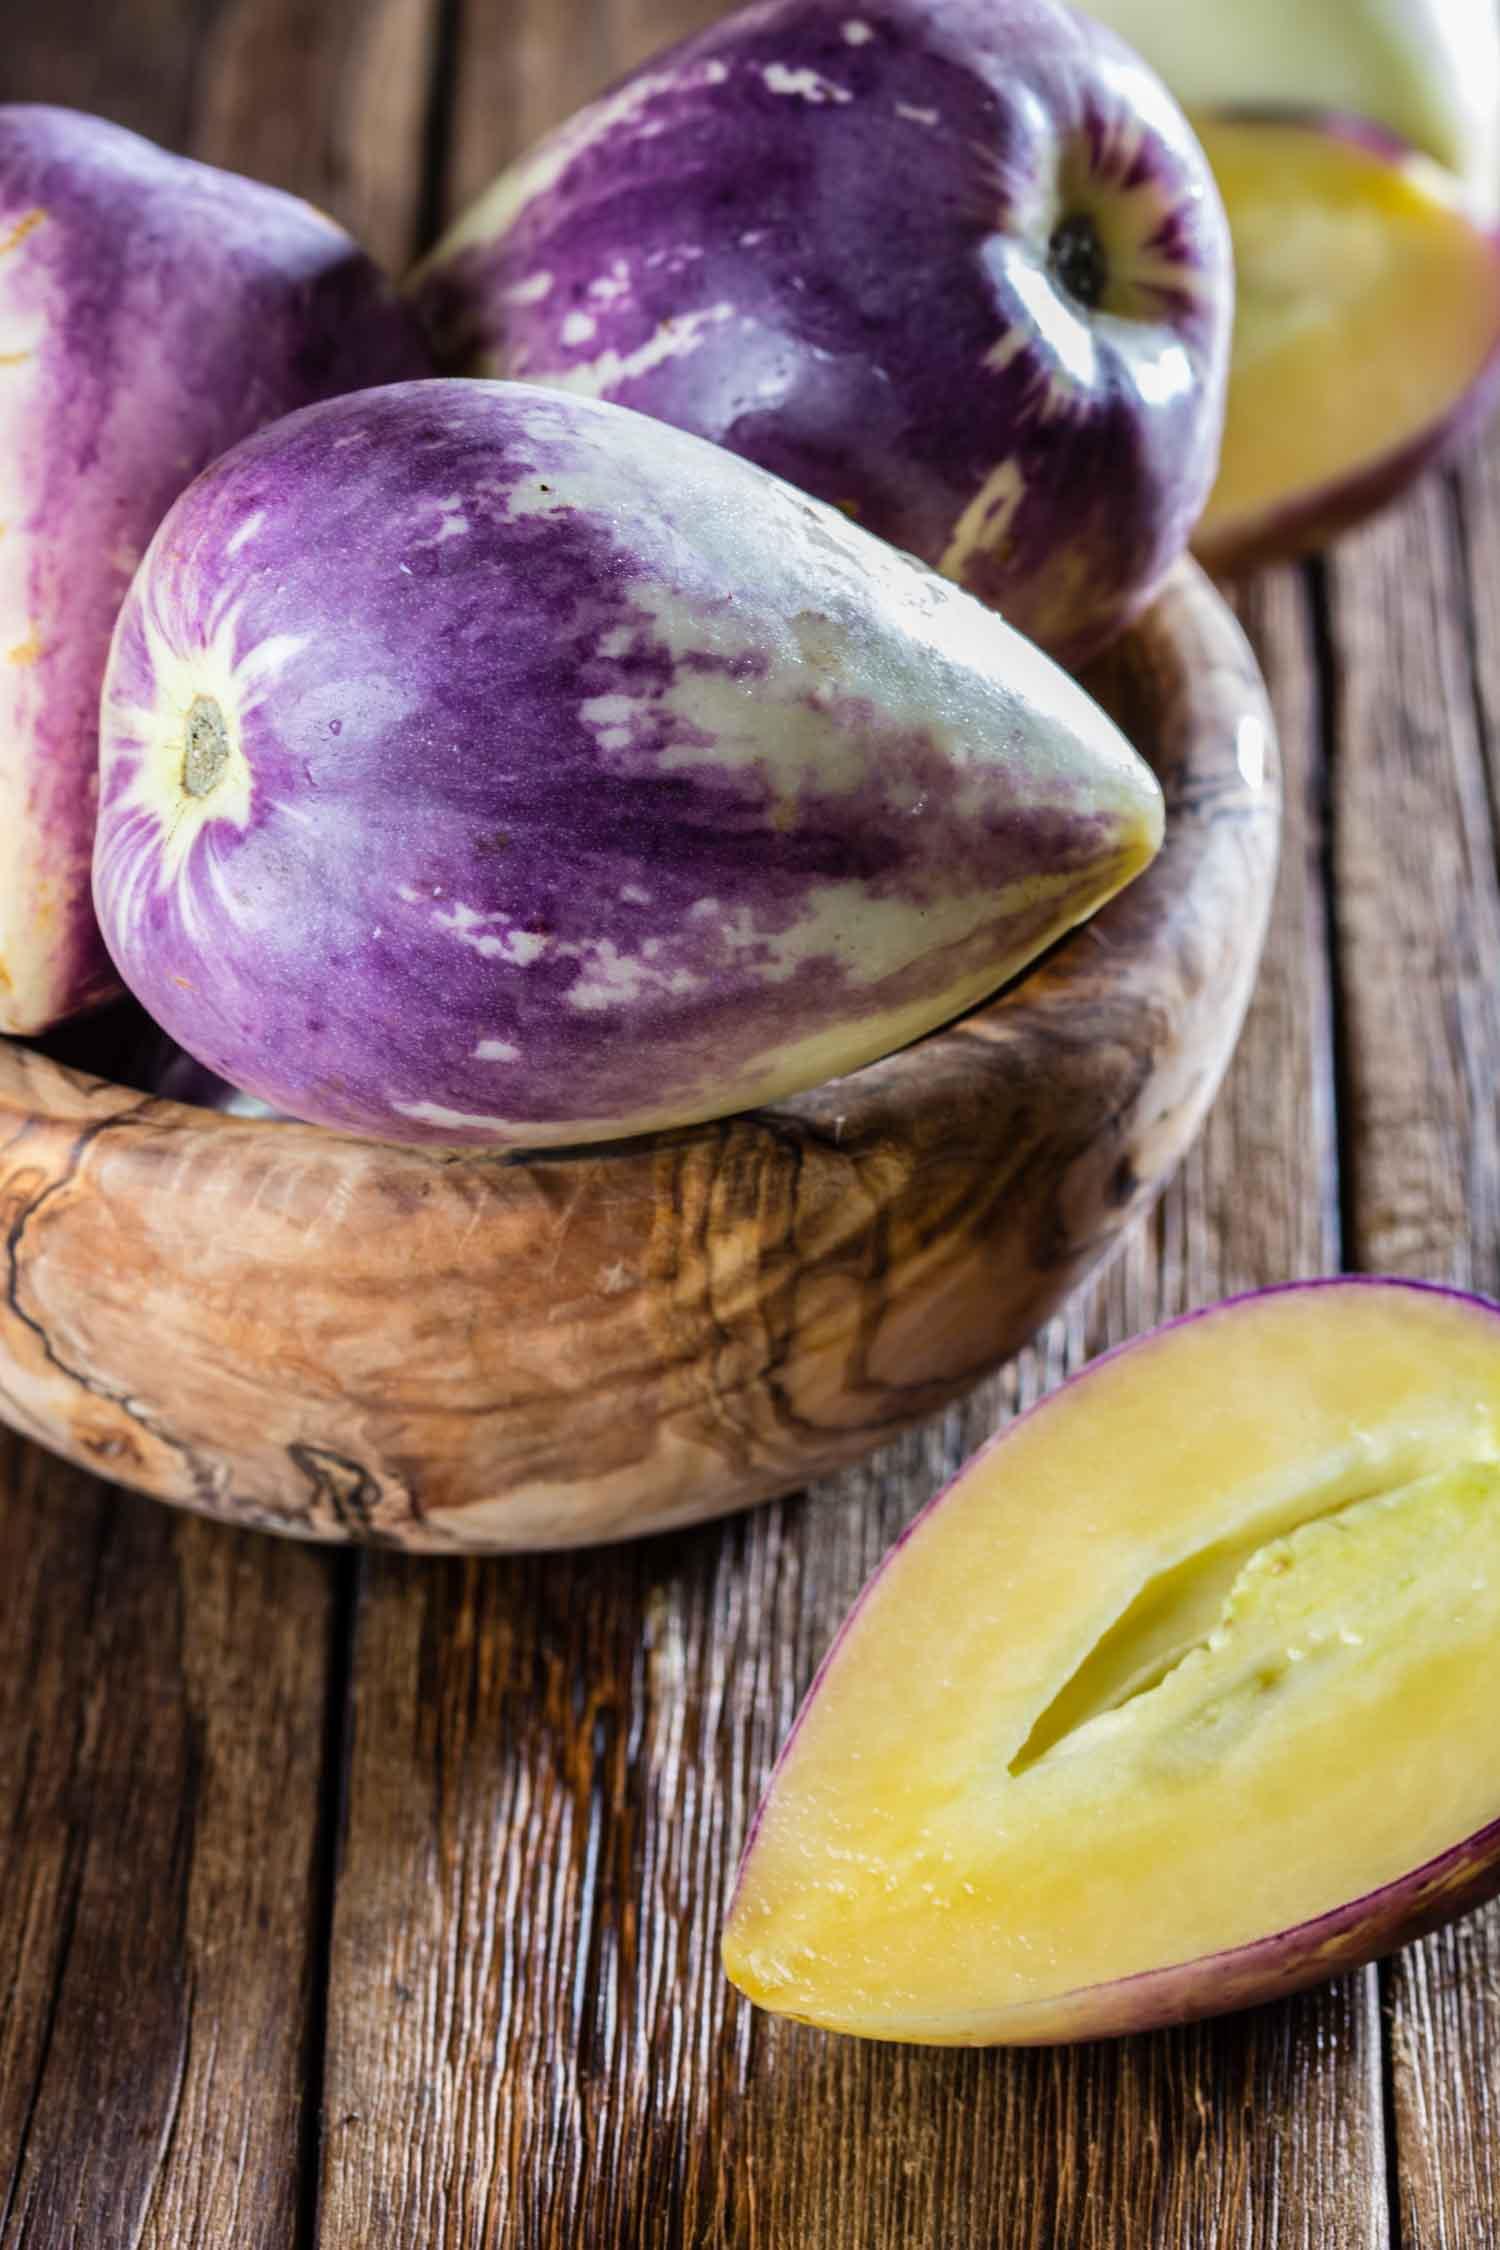 Peruvian fruits sweet cucumber. Pepino dulce or pepino melon on wooden background